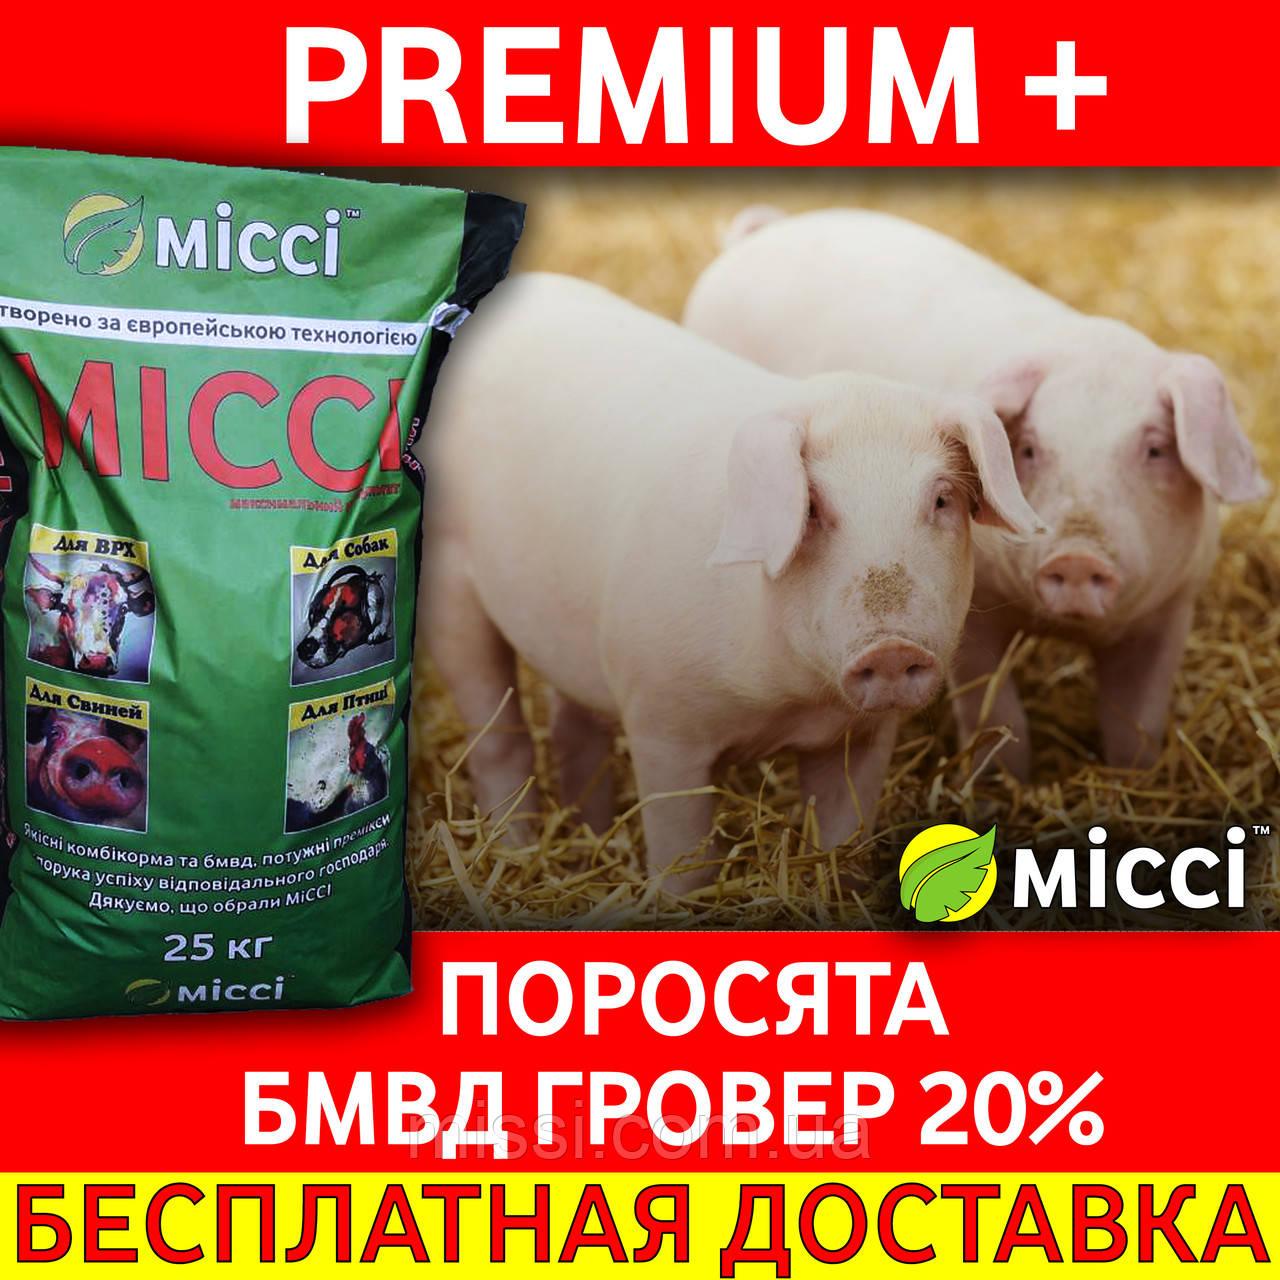 PREMIUM БМВД для Свиней ГРОВЕР 20% (мешок 25 кг) Мисси